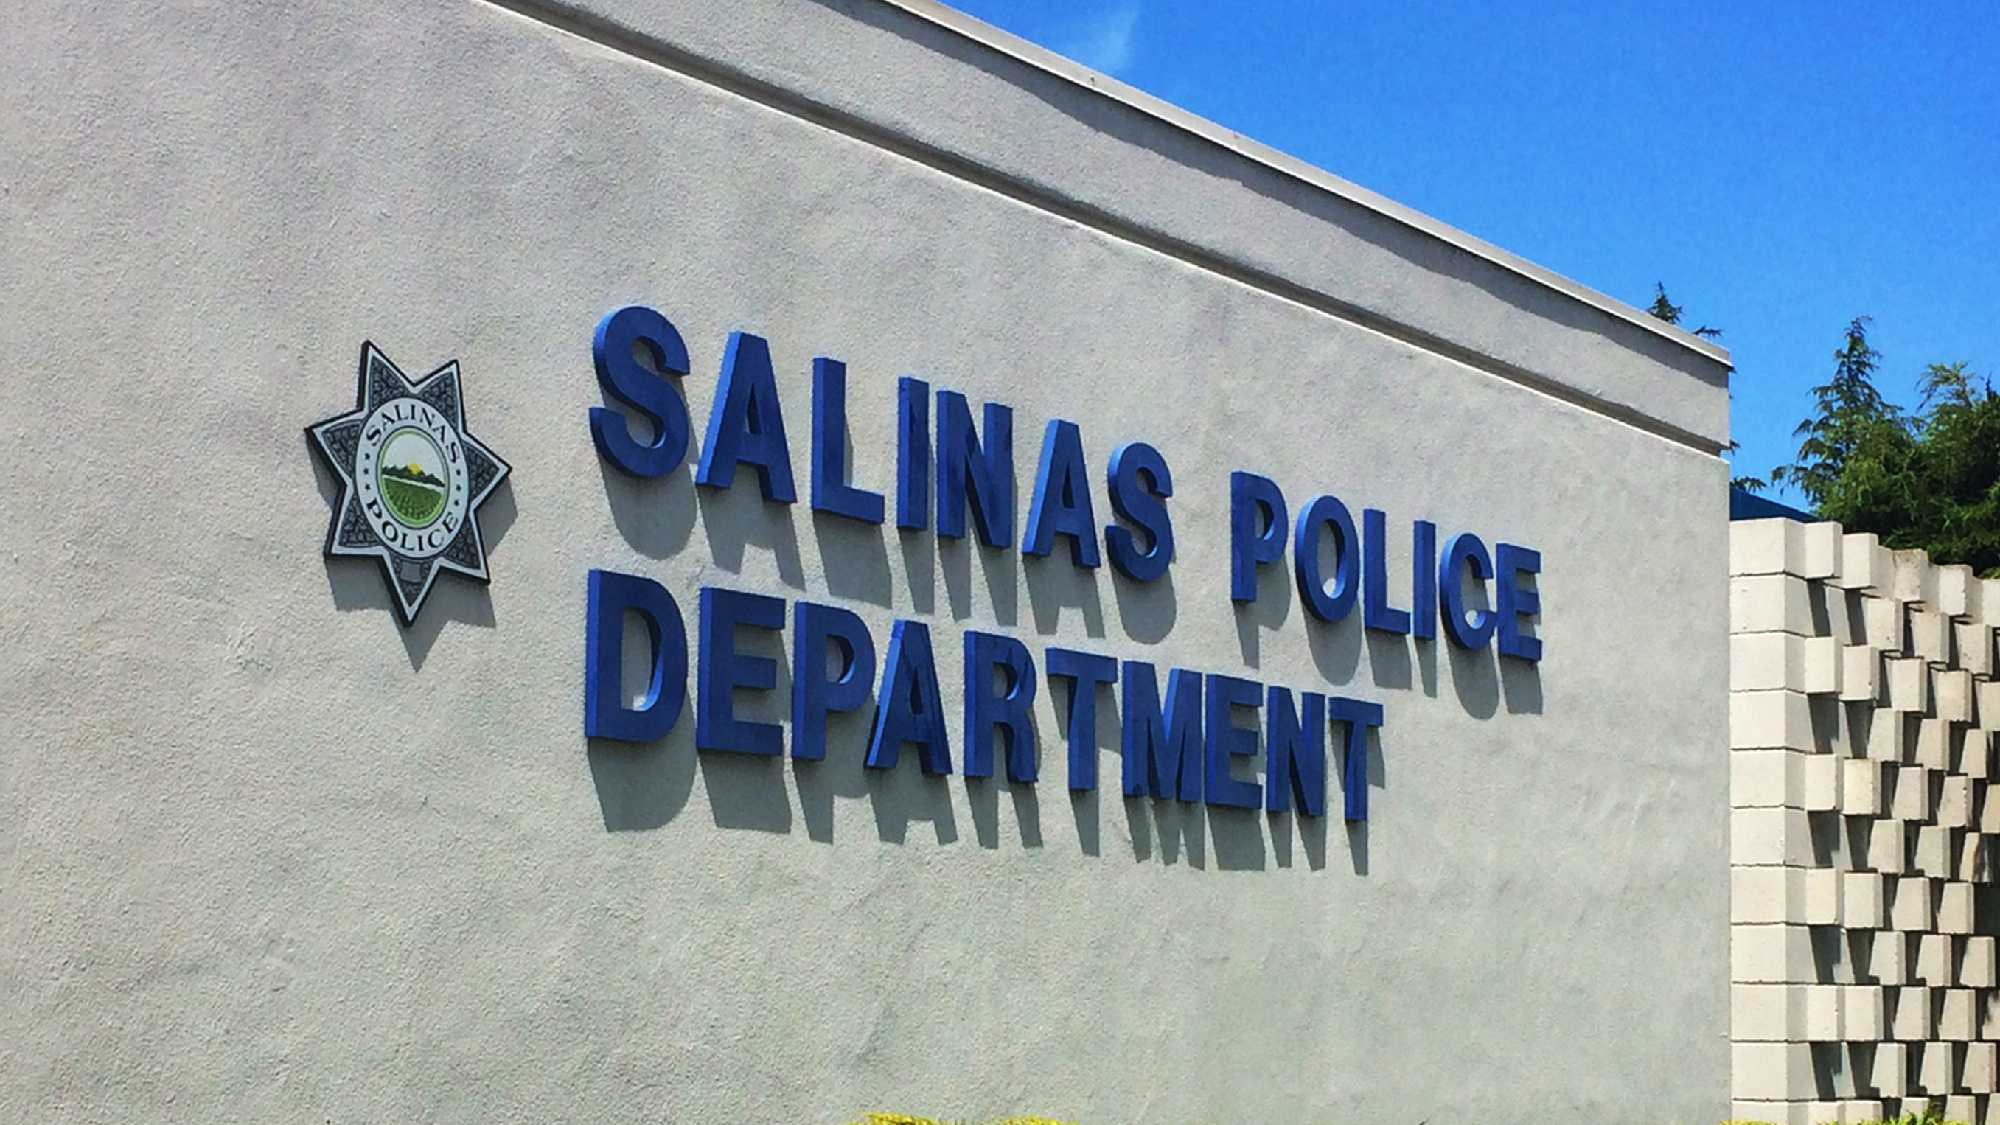 Salinas police station